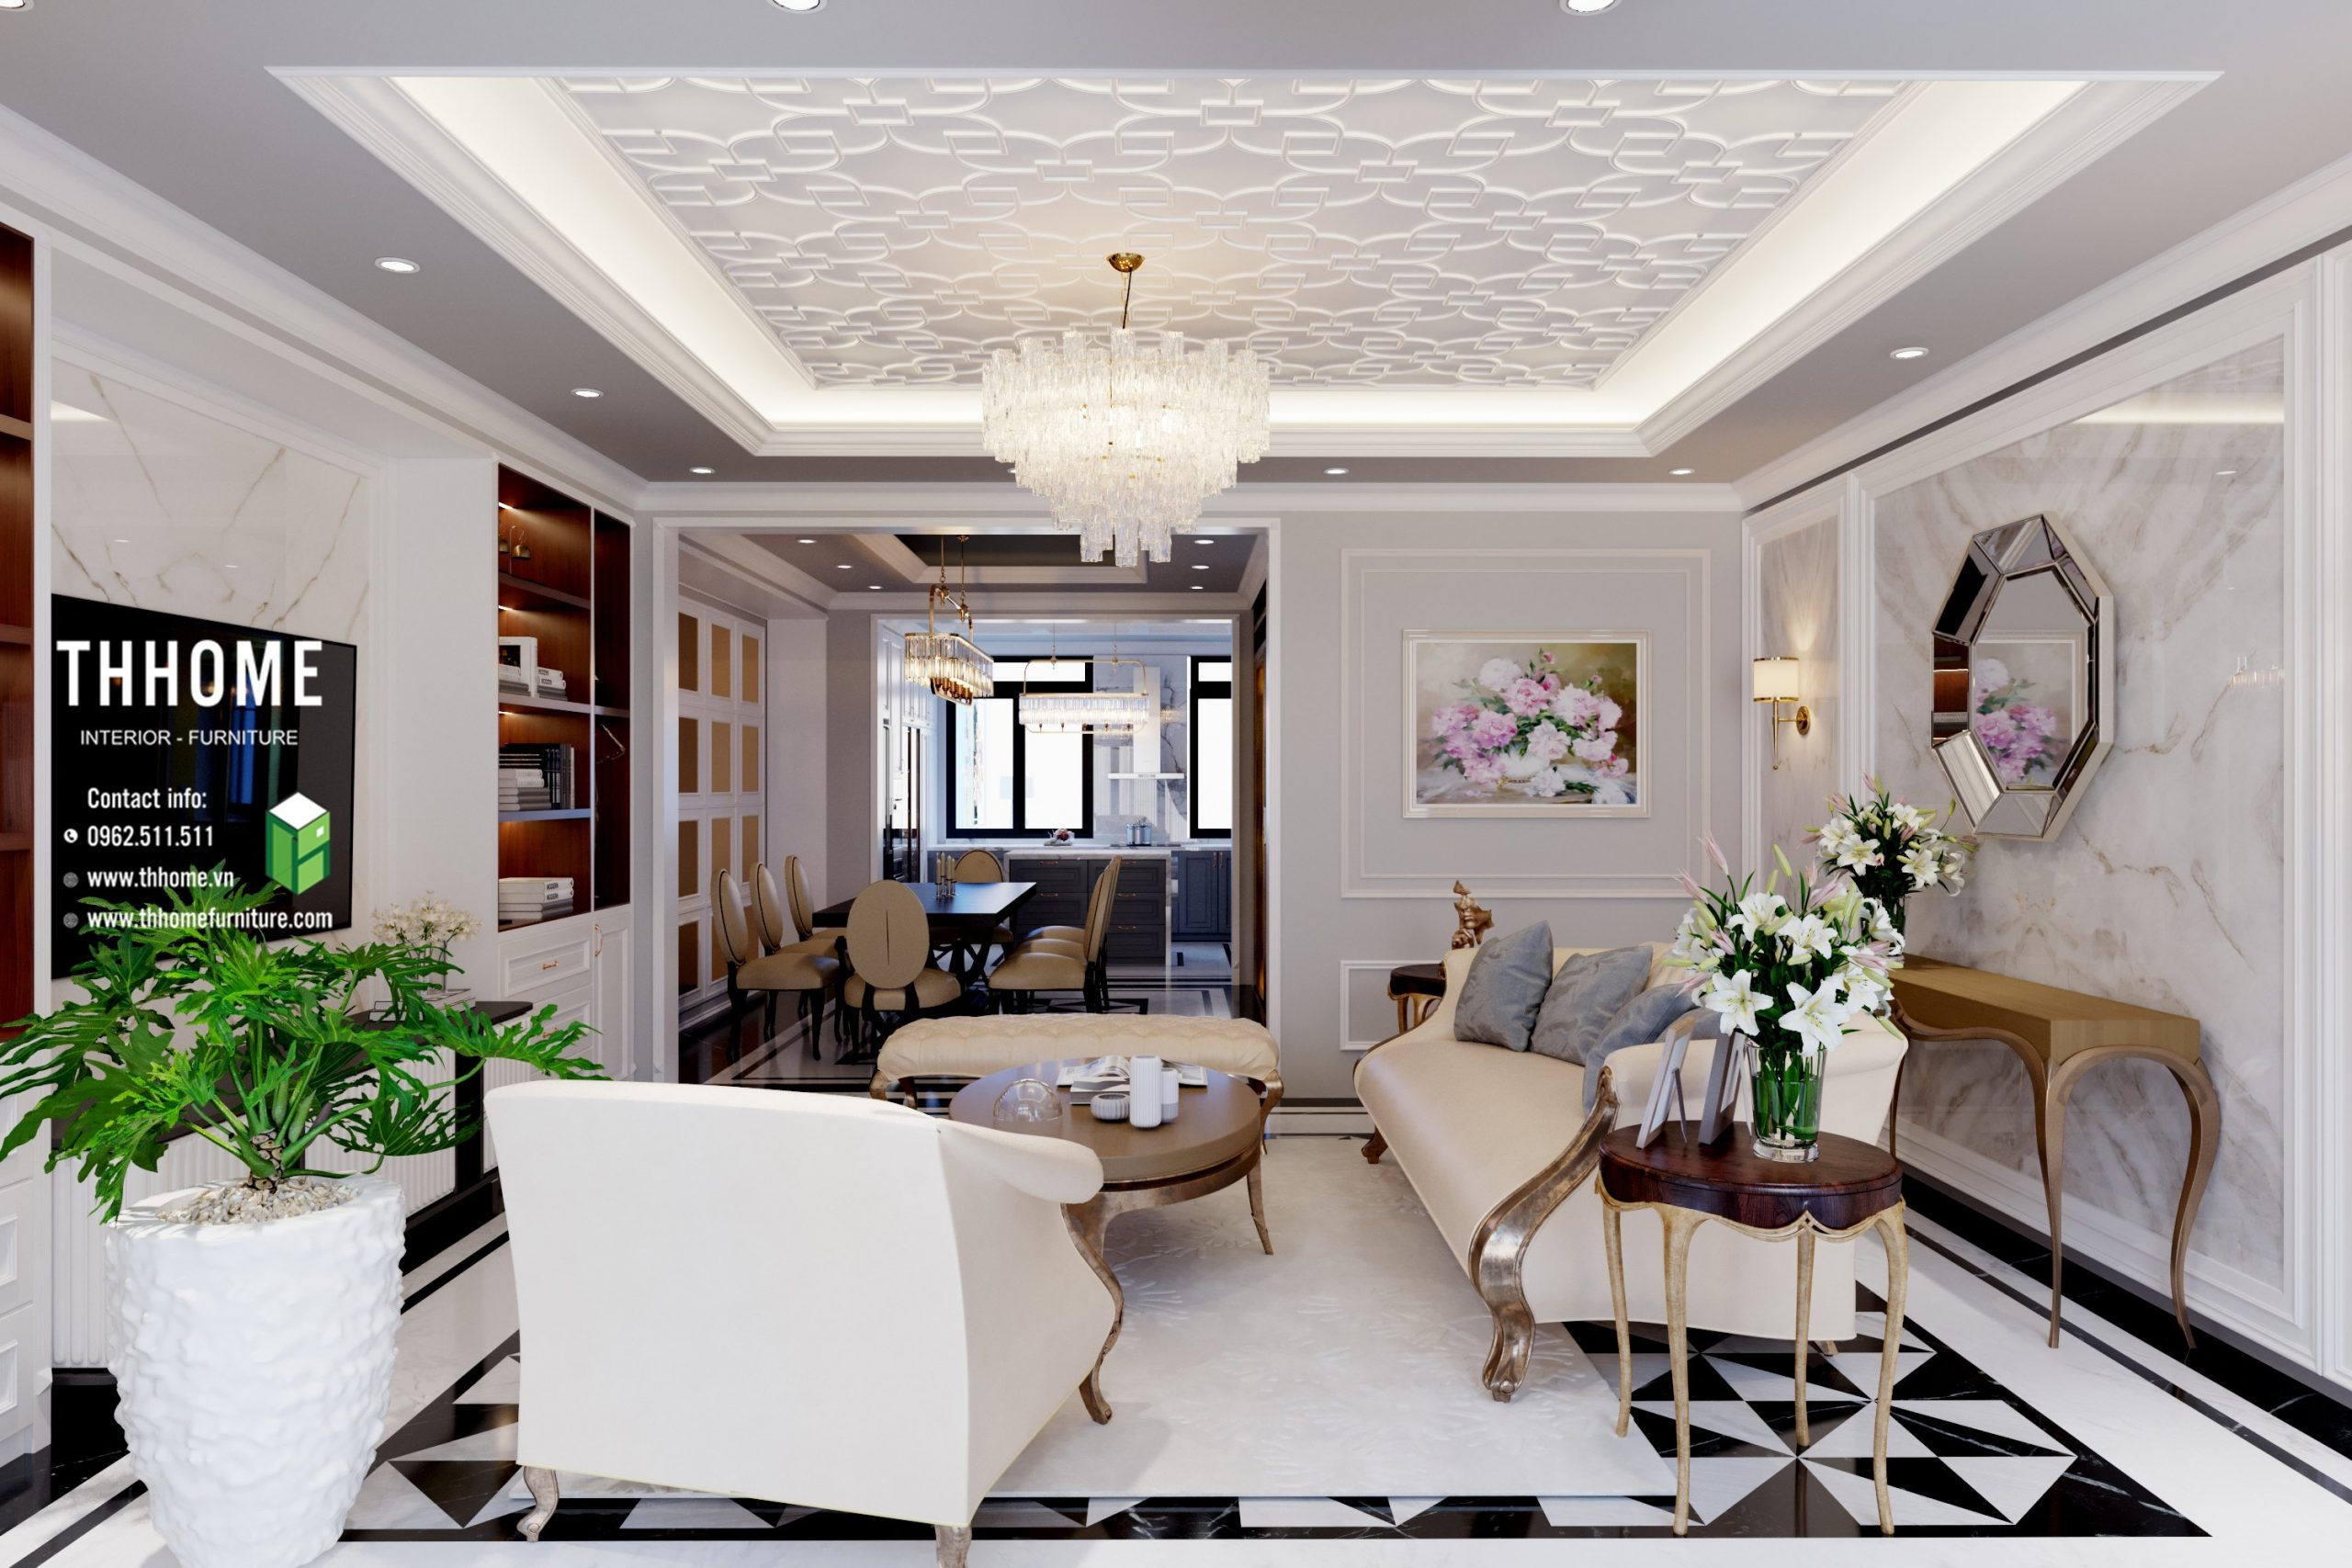 thiết kế thi công nội thất trọn gói là sự lựa chọn đúng đắn